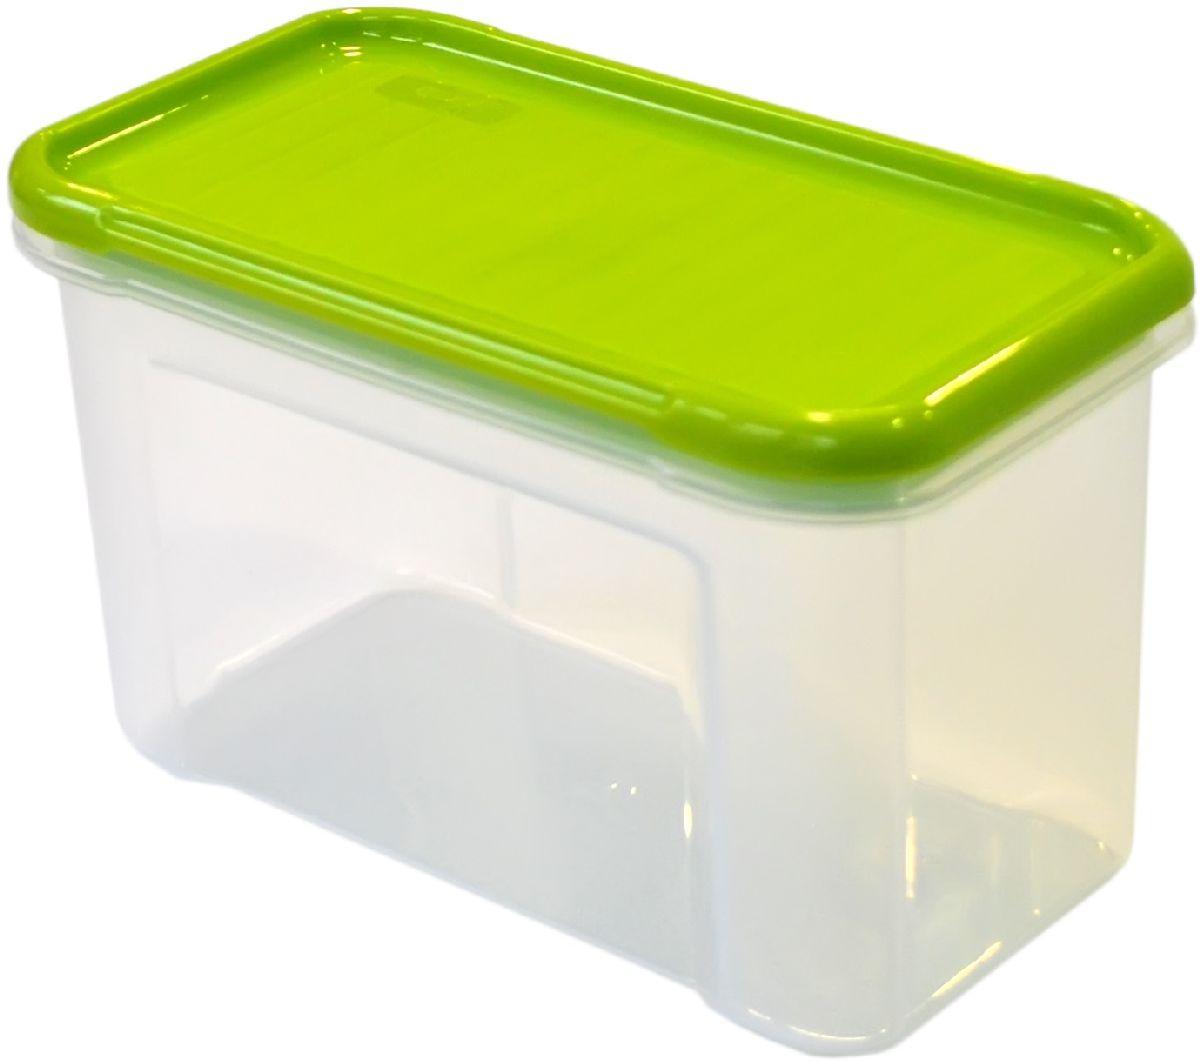 Банка для сыпучих продуктов Giaretti Krupa, цвет: оливковый, прозрачный, 750 млGR2231ОЛБанка для сыпучих продуктов Giaretti Krupa предназначена для хранения круп, сахара, макаронных изделий, сладостей, в том числе для продуктов с ярким ароматом (специи и прочее). Строгая прямоугольная форма банки поможет вам организовать пространство максимально комфортно, не теряя полезную площадь. Плотная крышка не пропускает запахи, и они не смешиваются в вашем шкафу.